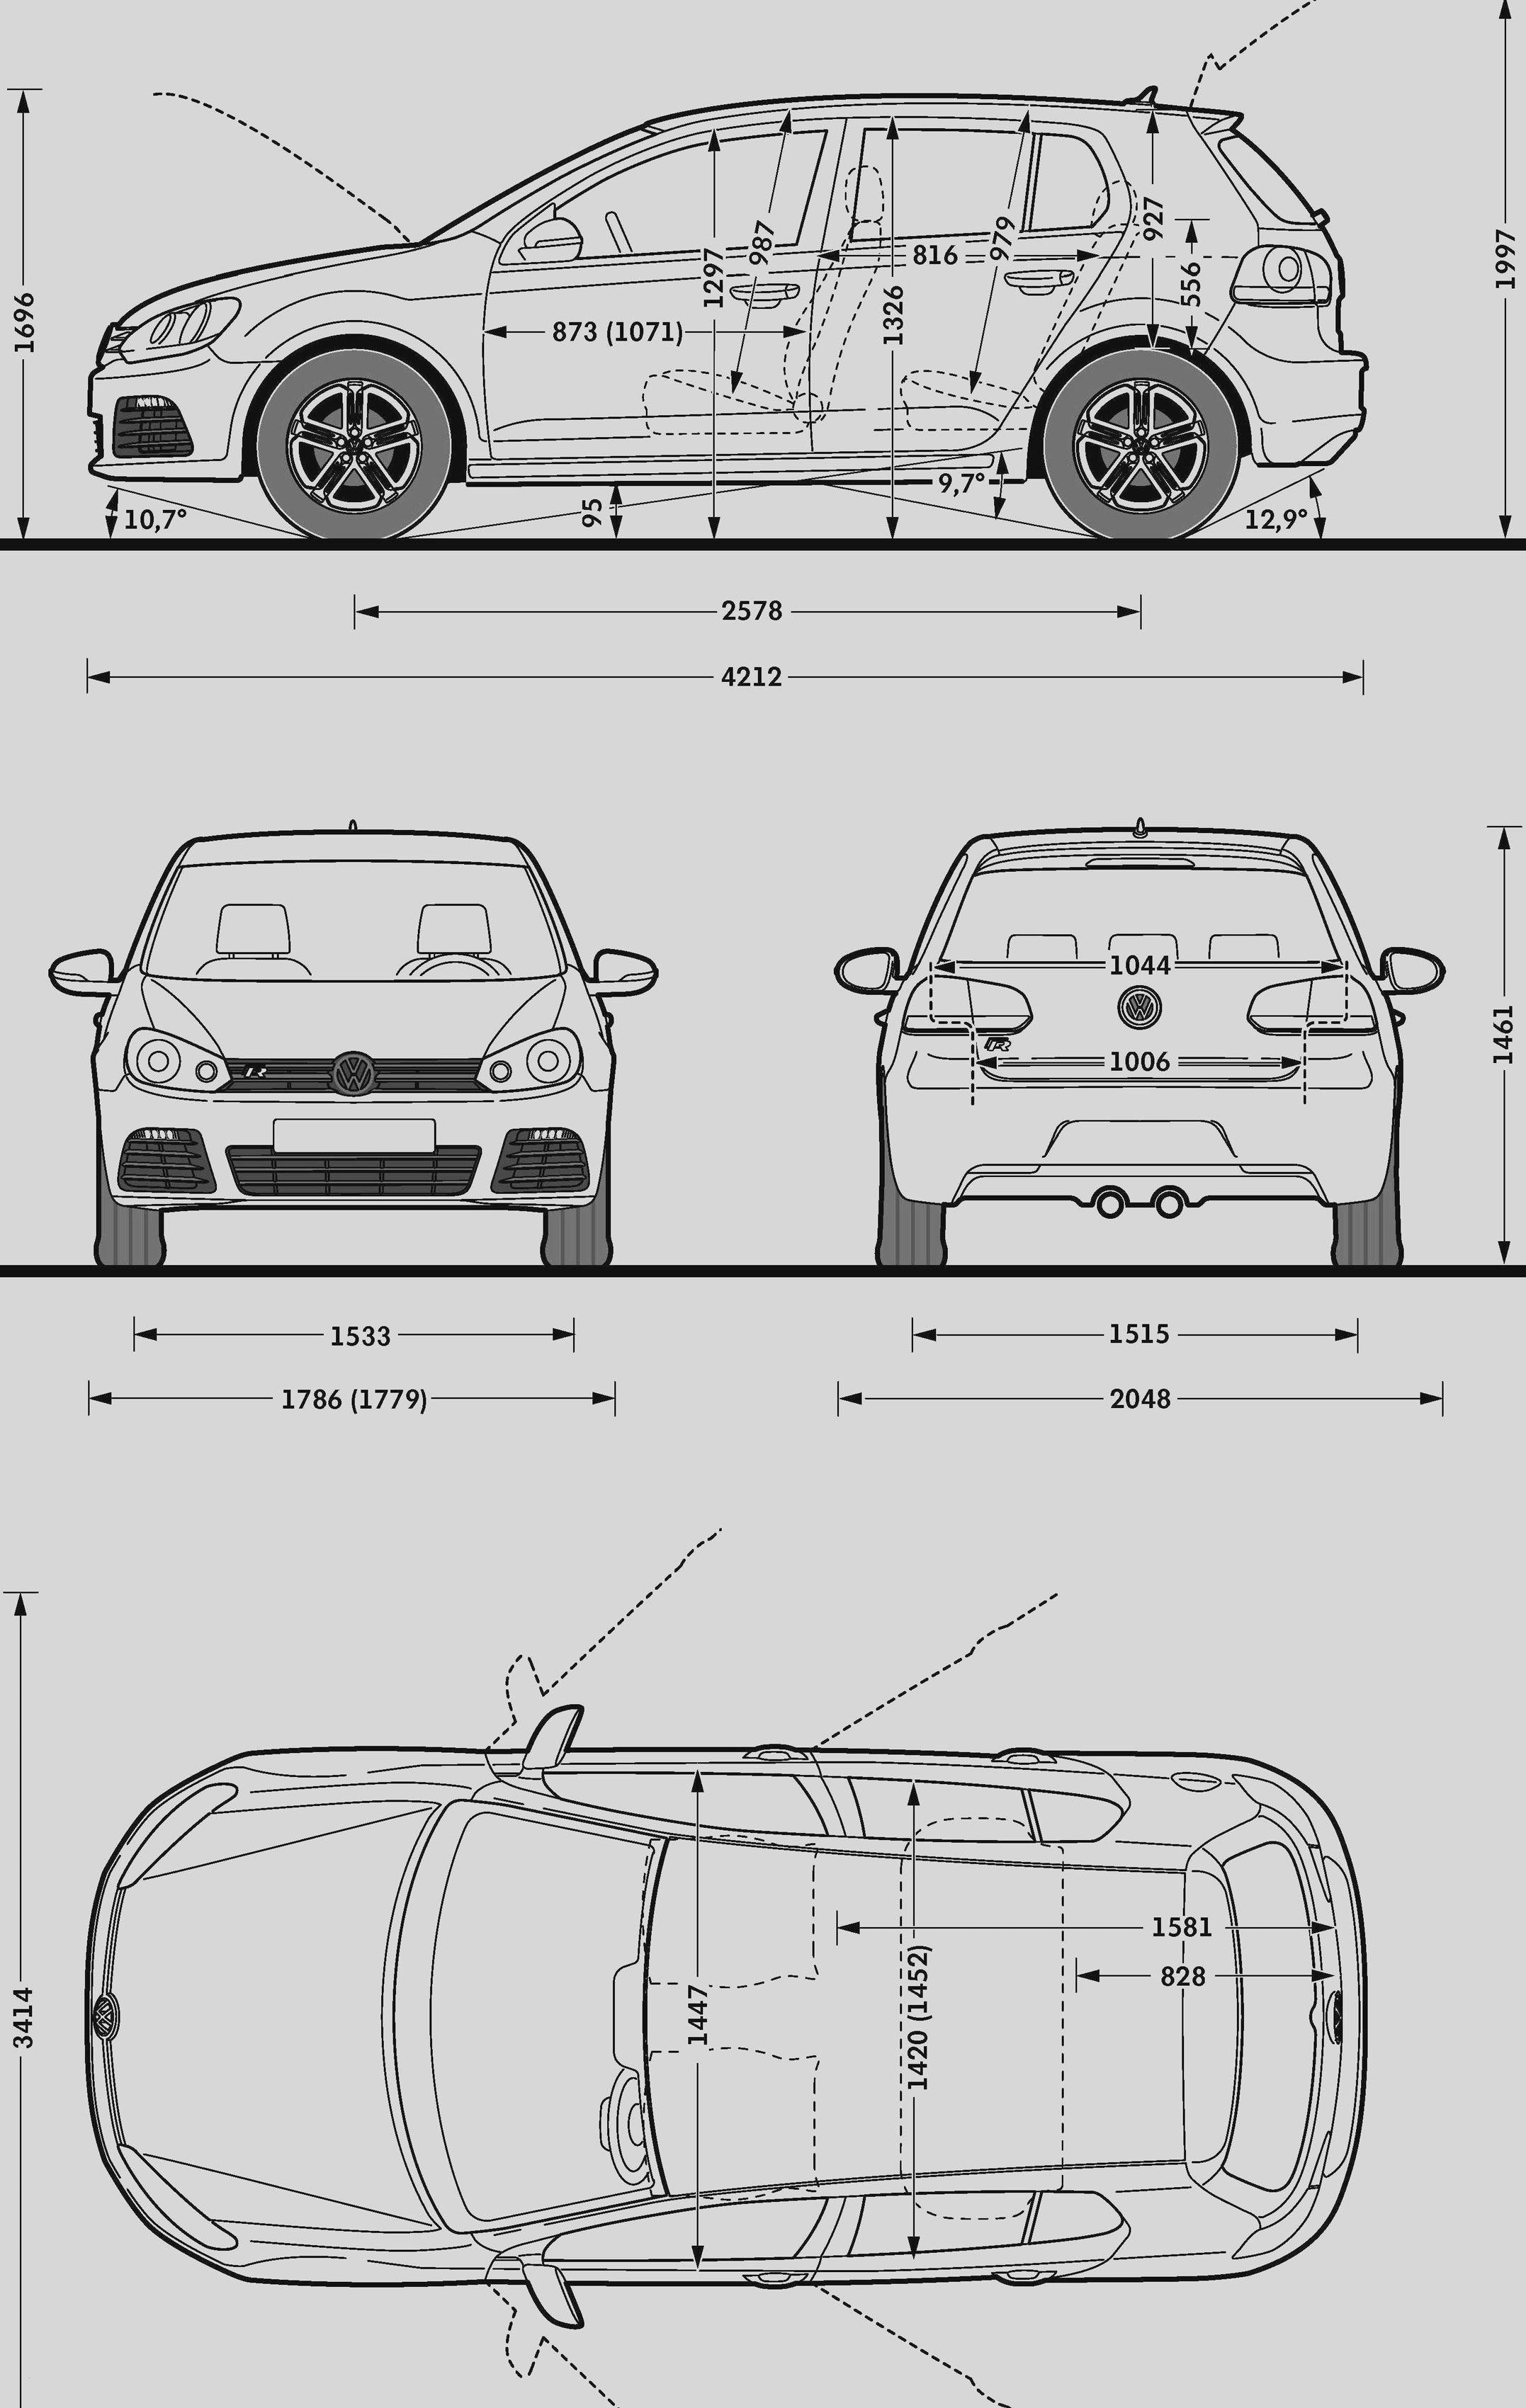 Ausmalbilder Zum Ausdrucken Autos Einzigartig Lamborghini Veneno Ausmalbilder Fresh Bayern Ausmalbilder Neu Igel Fotos